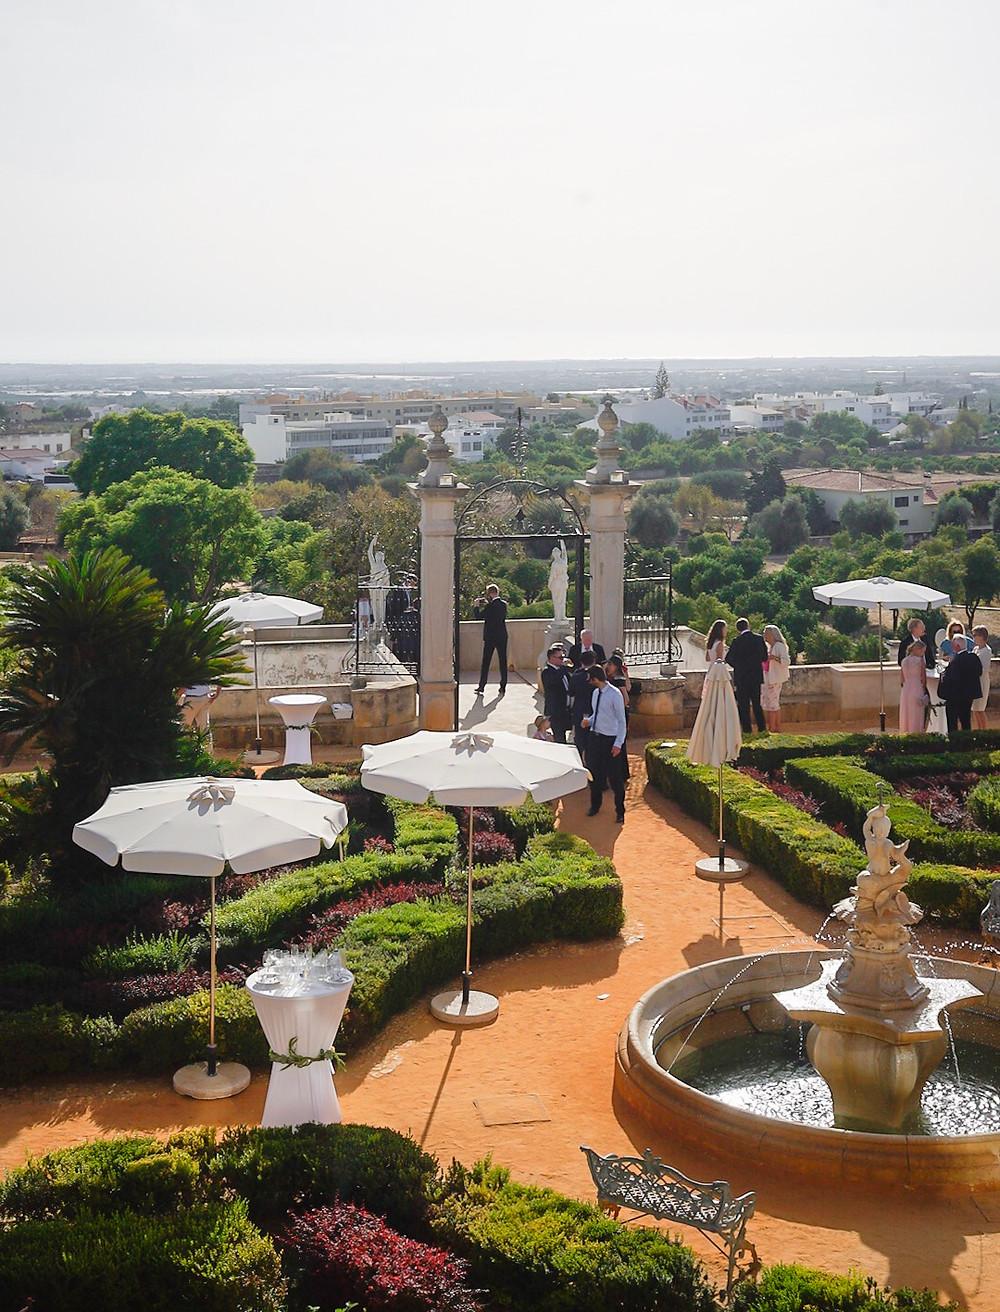 View from Palacio de Estoi Pousada Wedding Venue in Faro Algarve Portugal